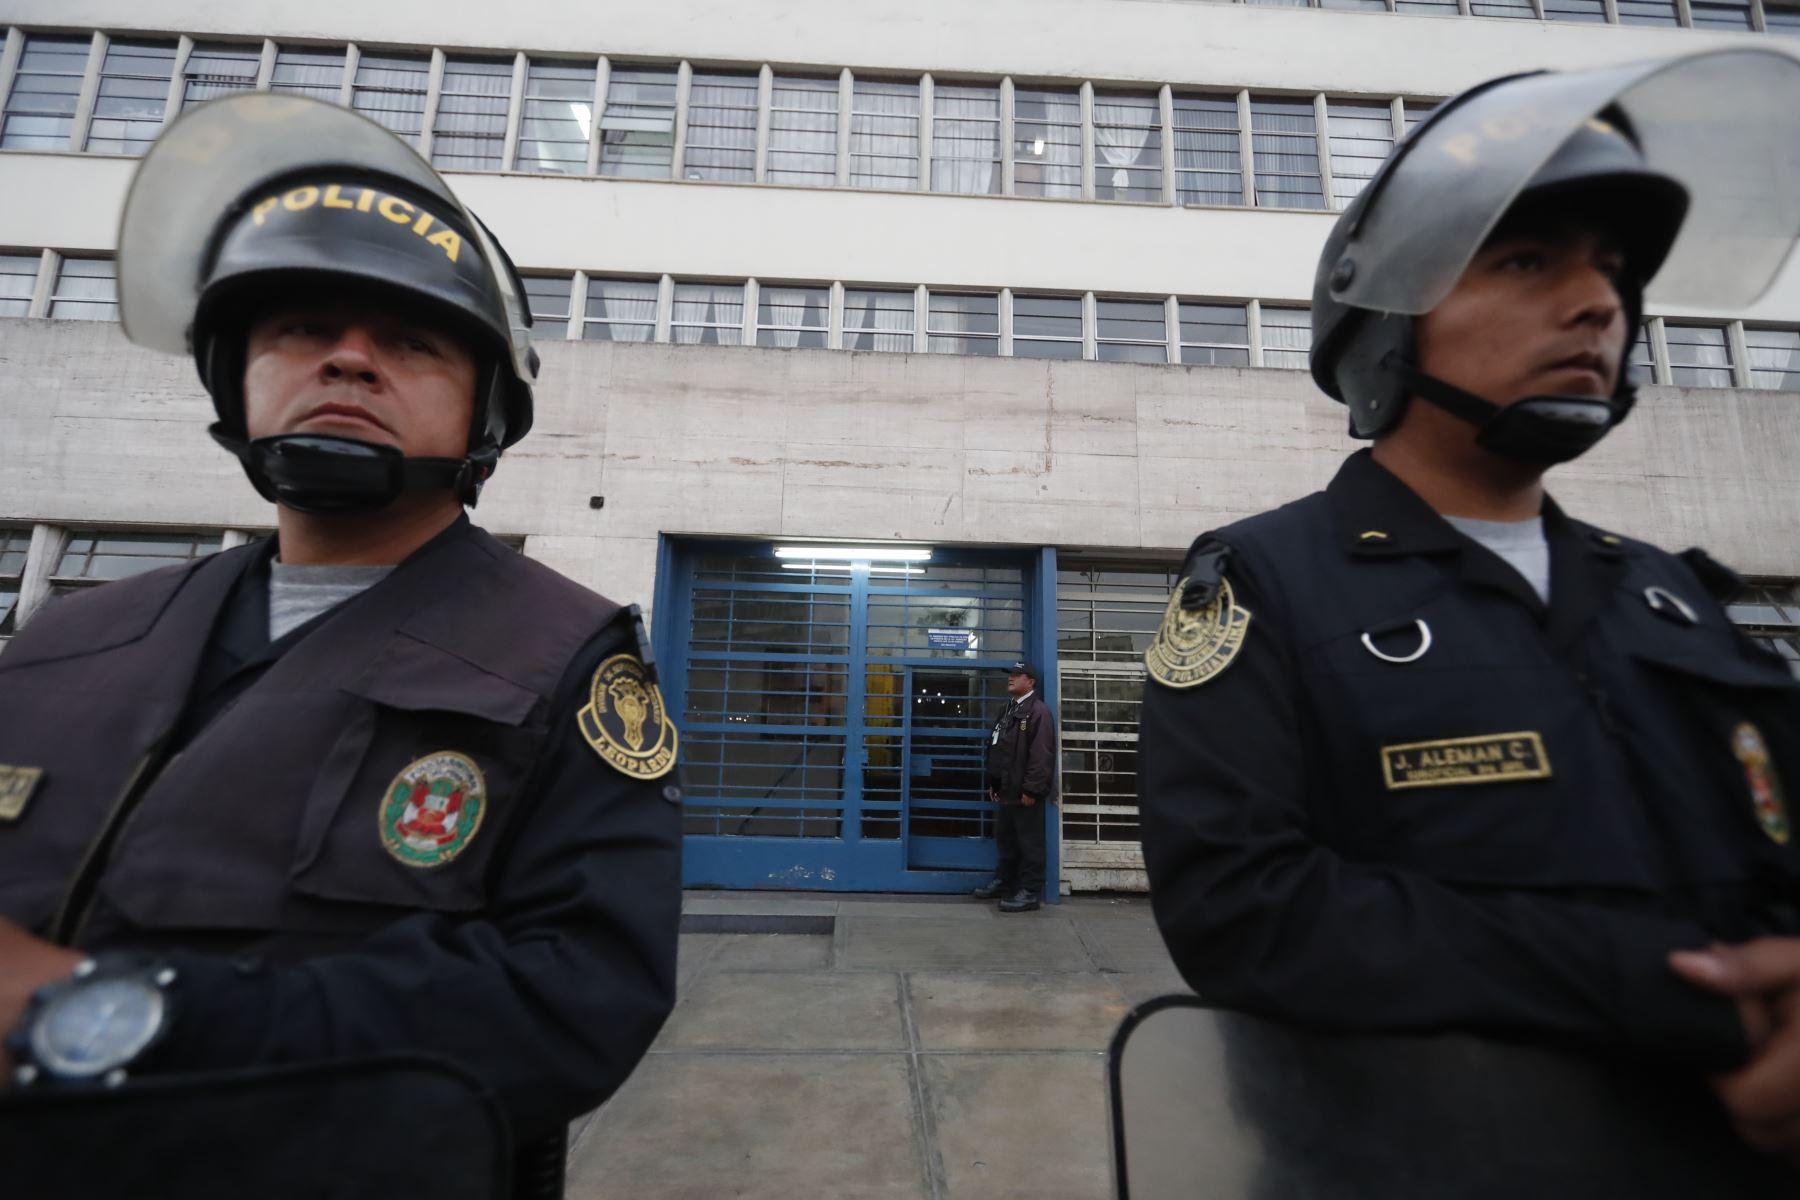 Policía custodian exteriores del Ministerio Público donde viene realizándose la audiencia d e prisión preventiva. Foto: ANDINA/Renato Pajuelo